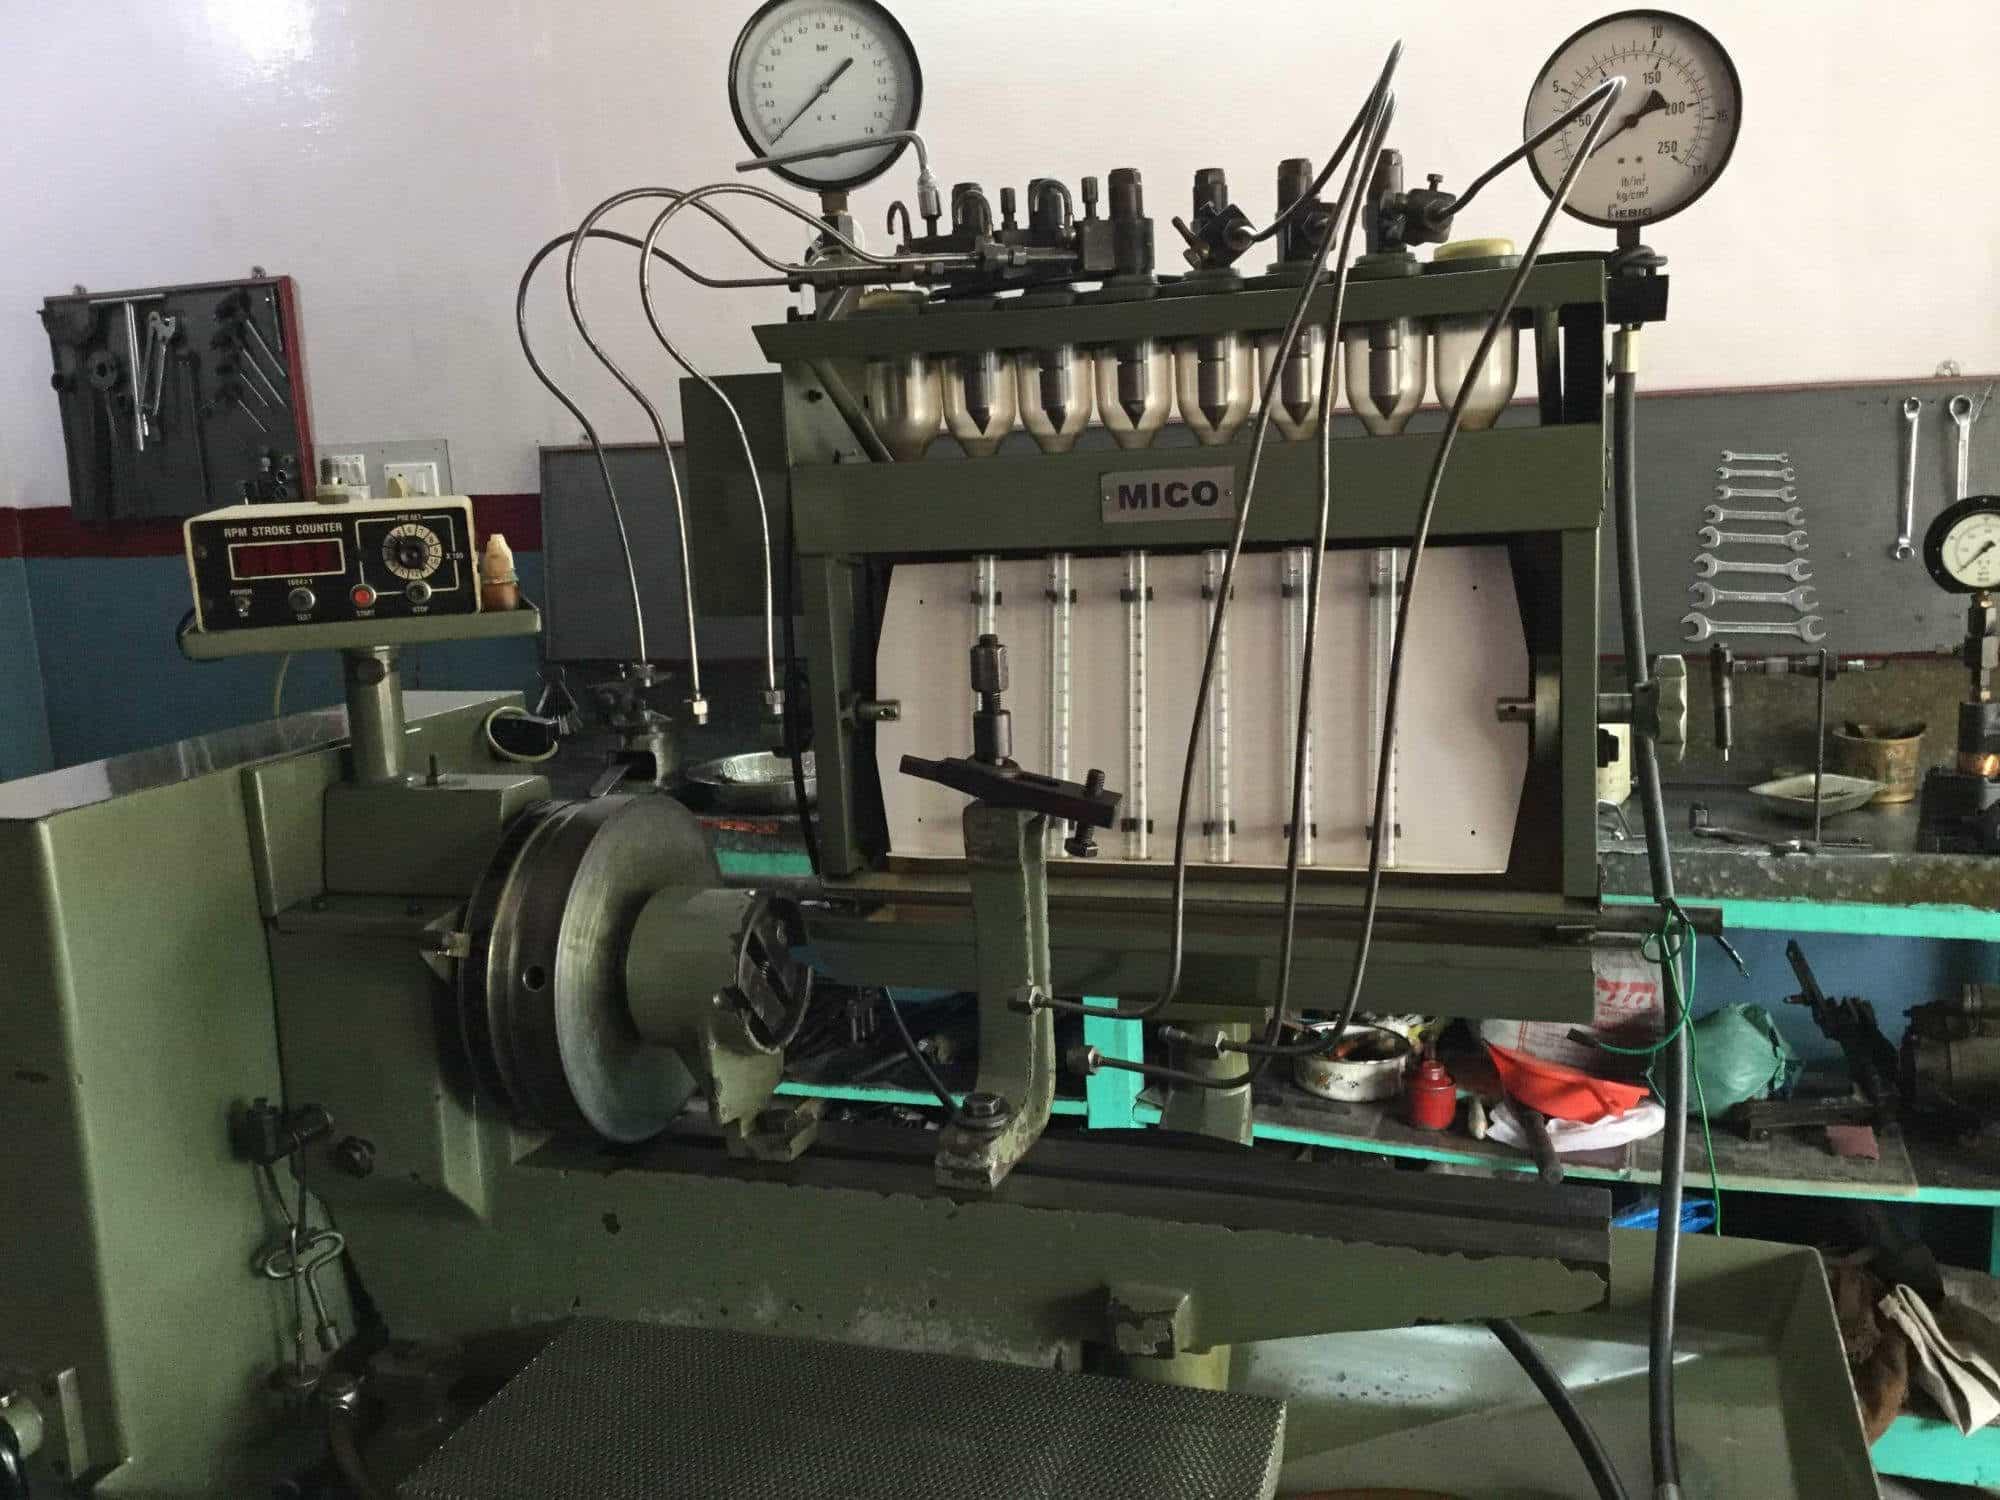 Omsakthi Diesel Pump Service, Tiruturaipundi HO - Diesel Pump Engine